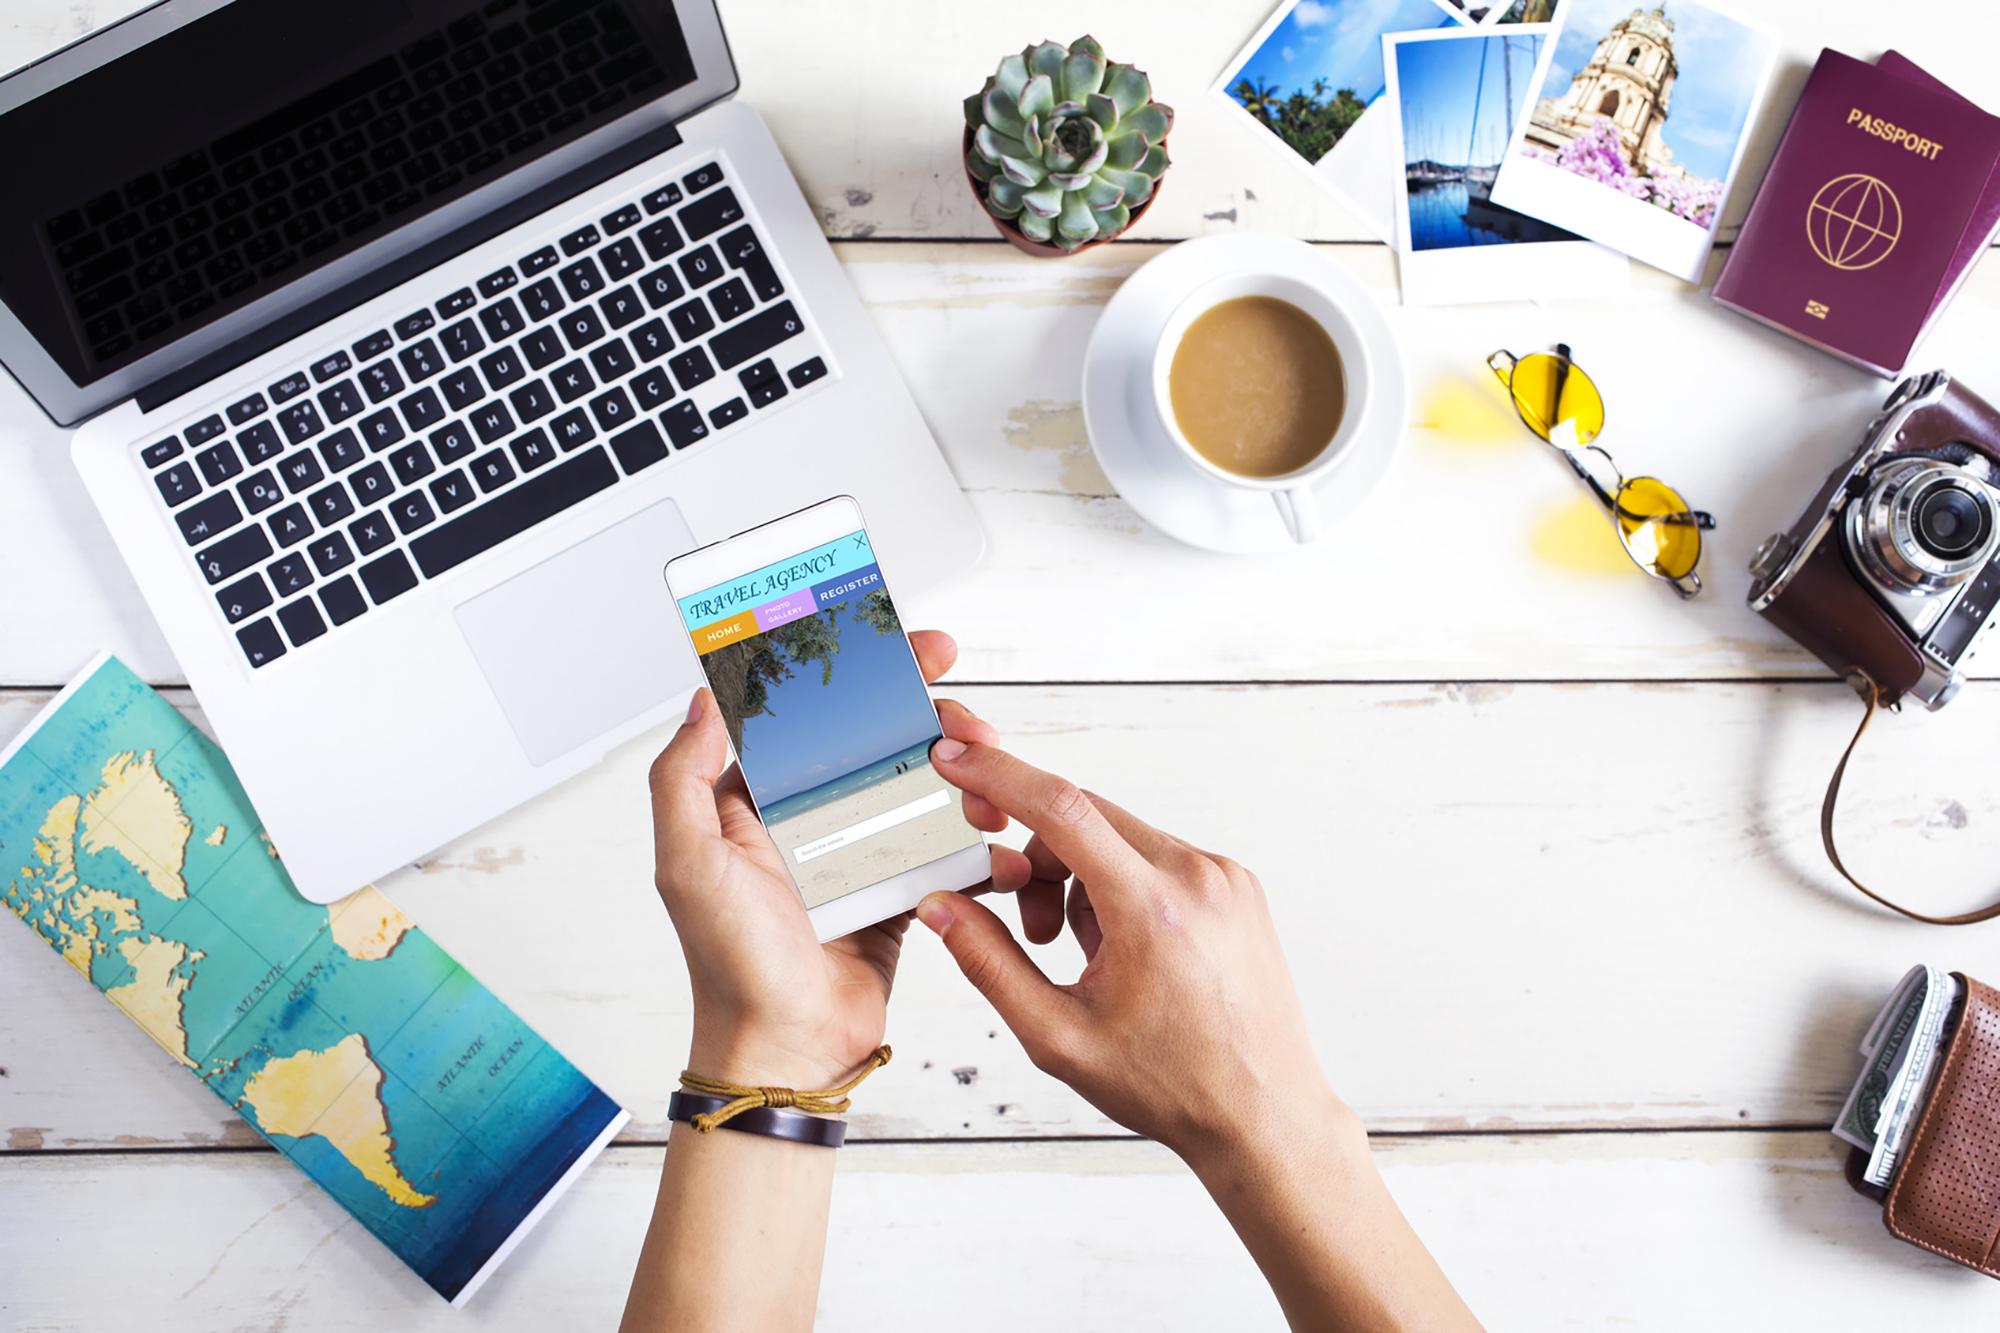 Como escolher a melhor franquia de turismo para investir